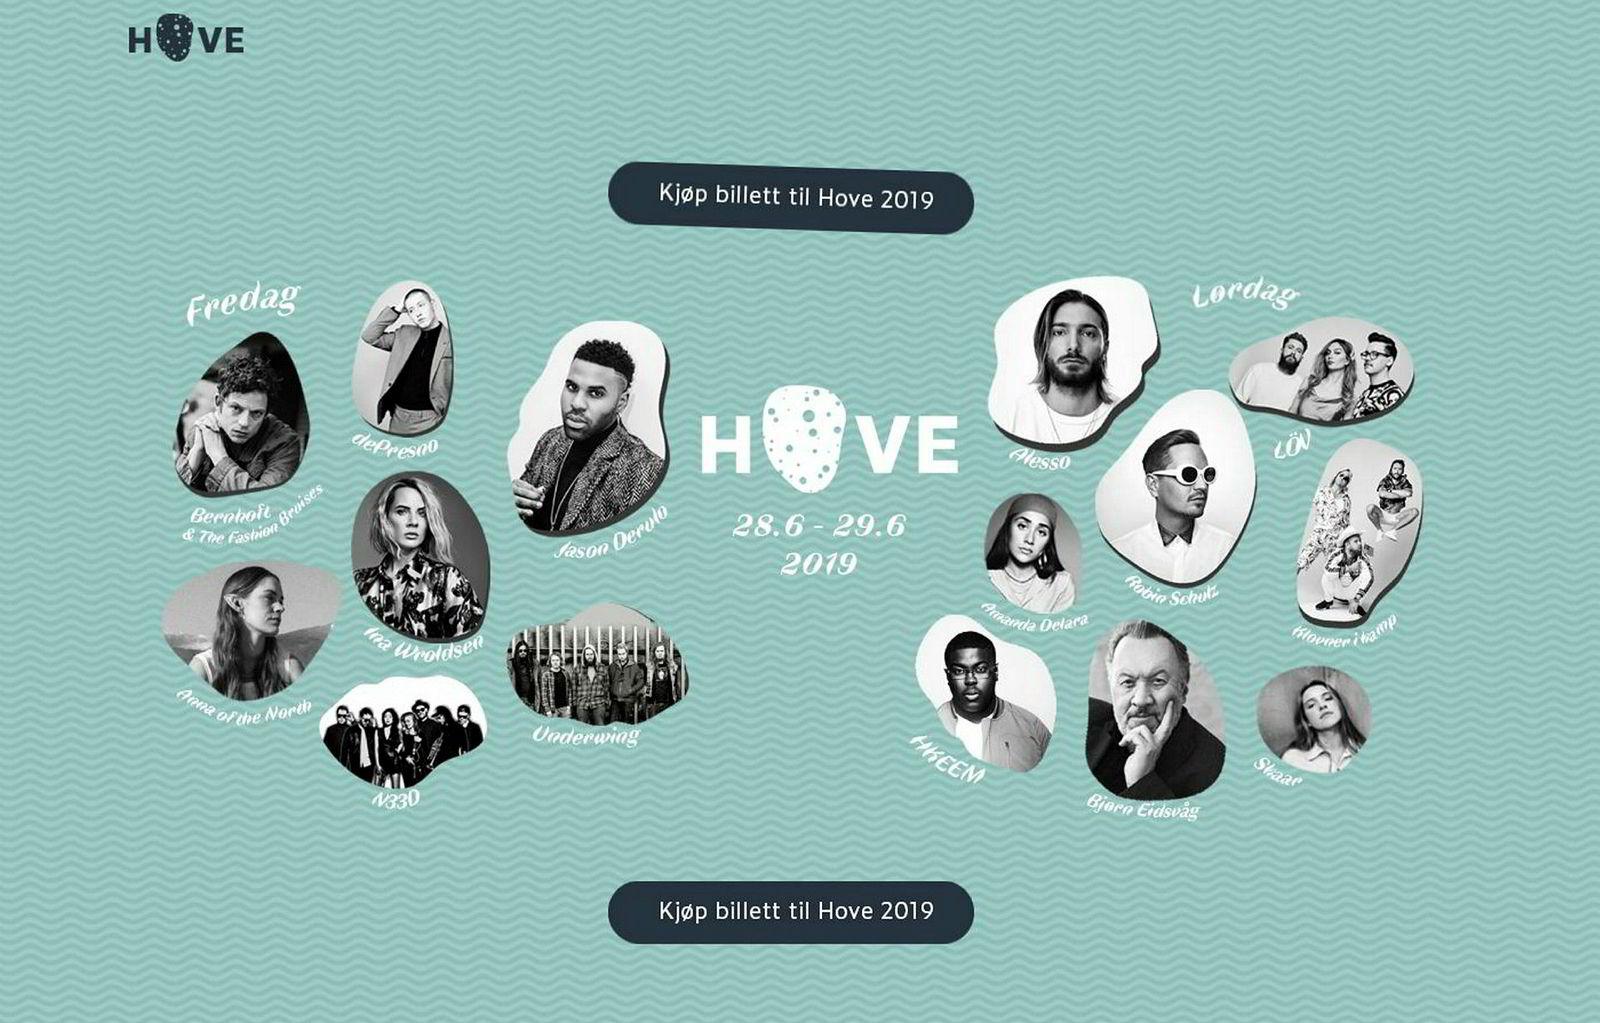 Slik så hjemmesiden ut til Hove Music Festival før den ble stengt og erstattet med en tekst om at den er konkurs.